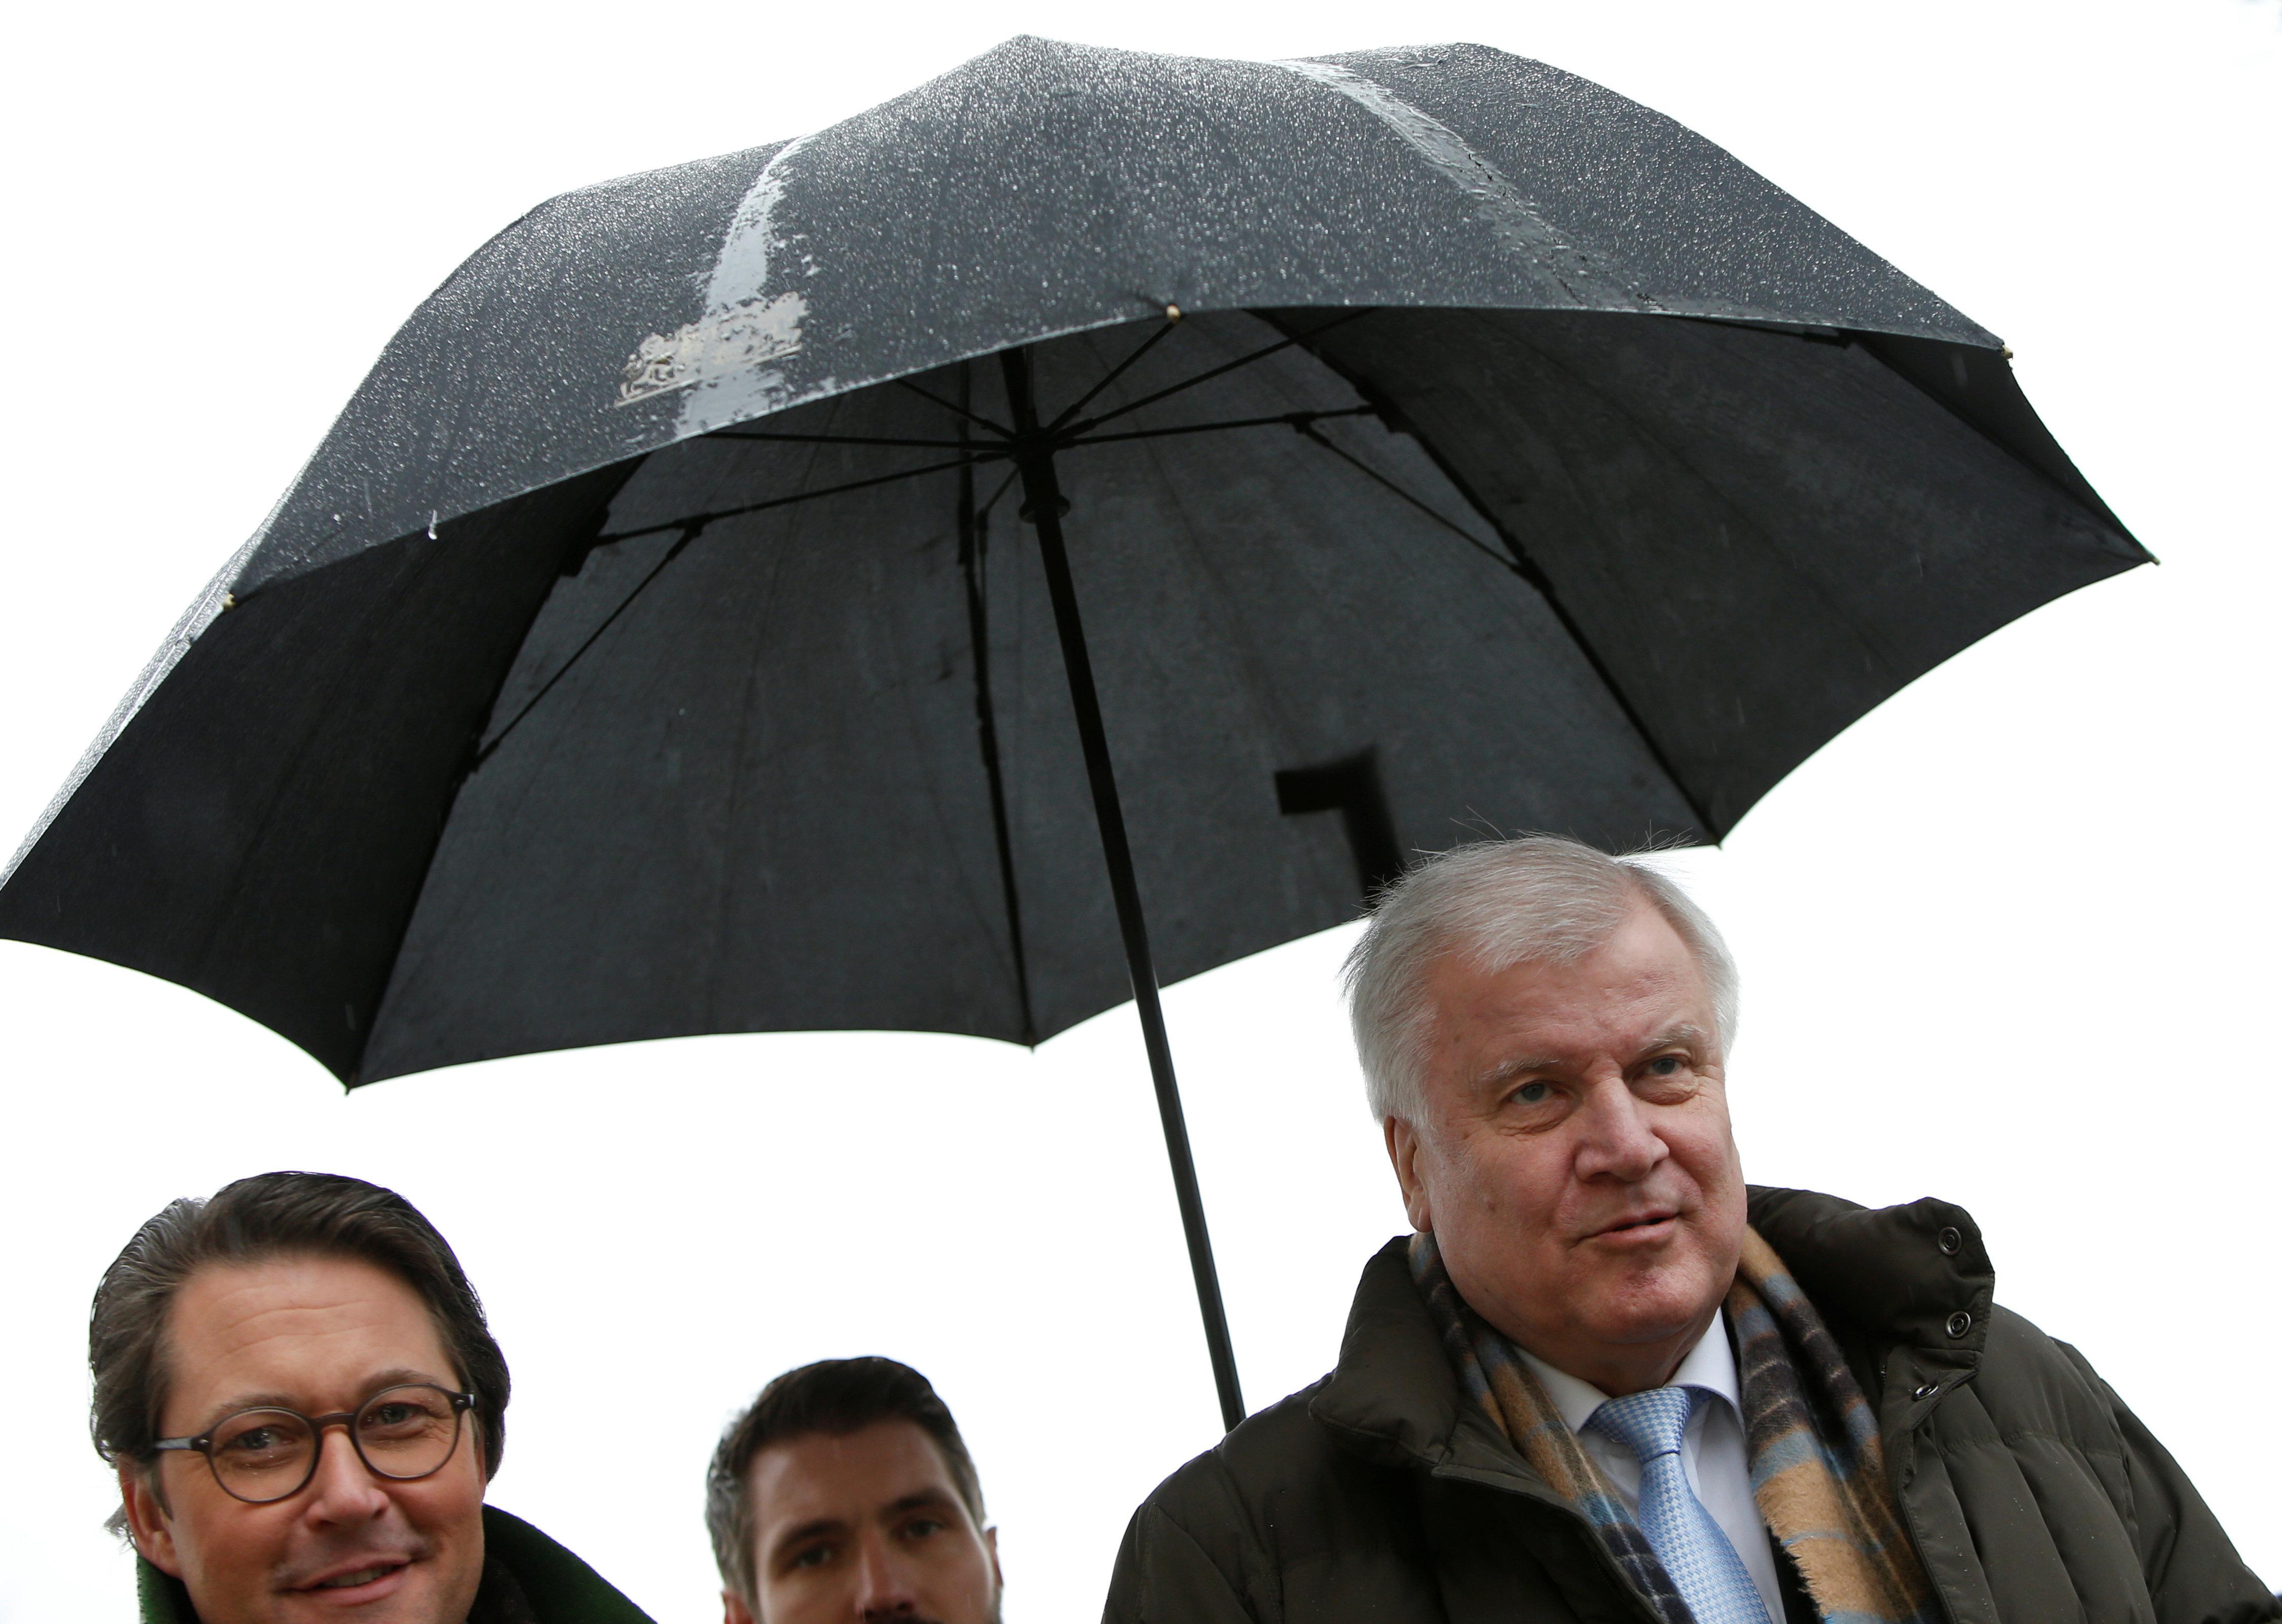 Andi und Horst: Schirmherren der